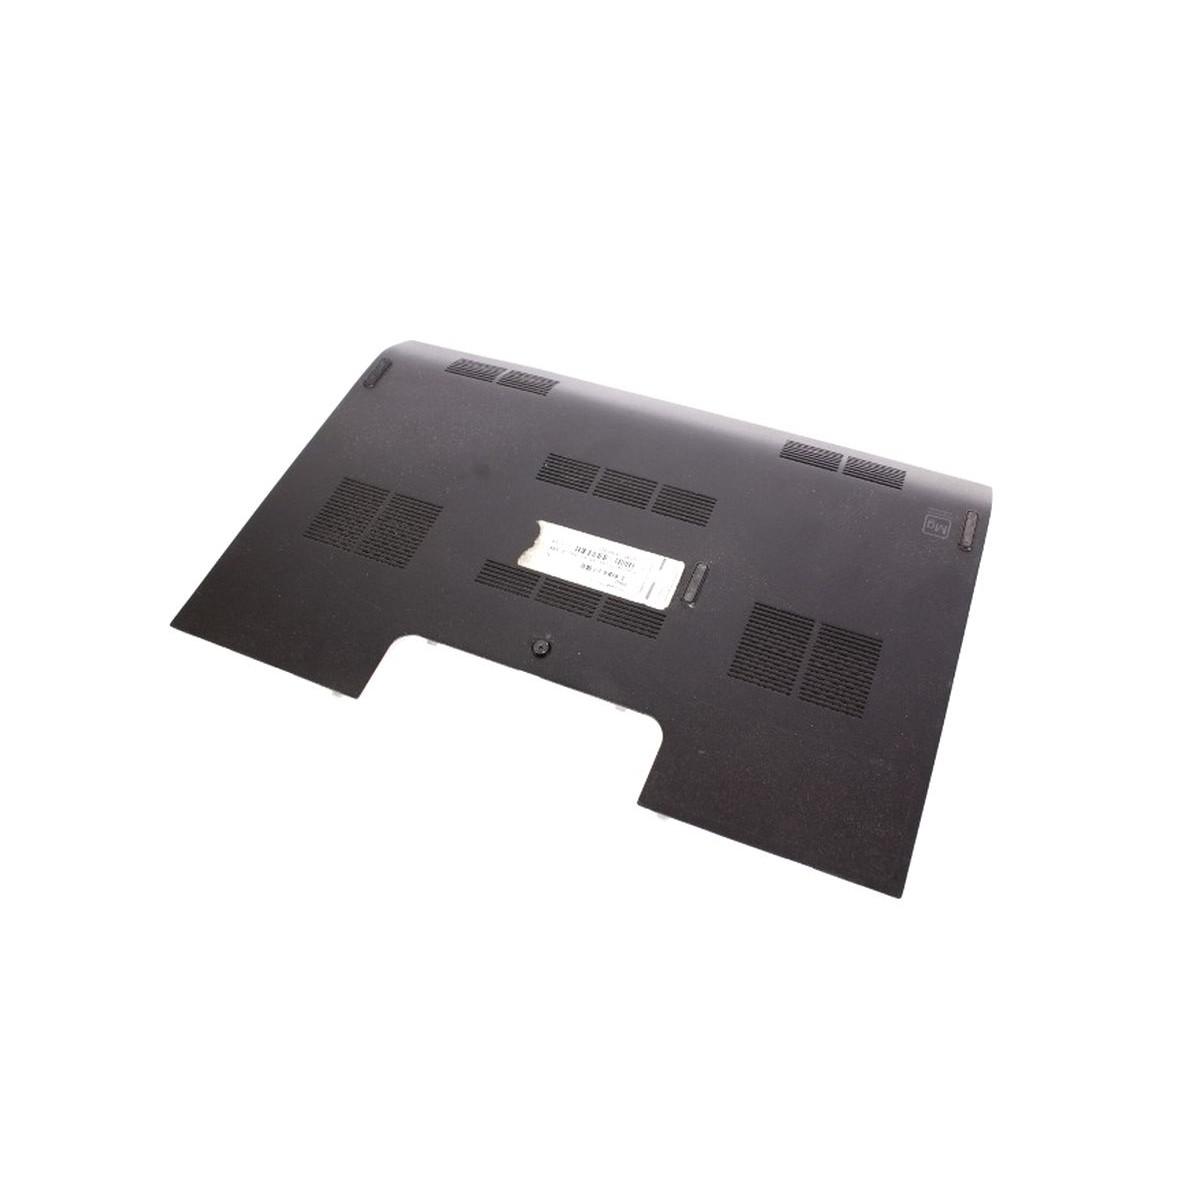 DYSK HP 146GB SAS 10K 3G 2,5'' 504015-002 GW FV